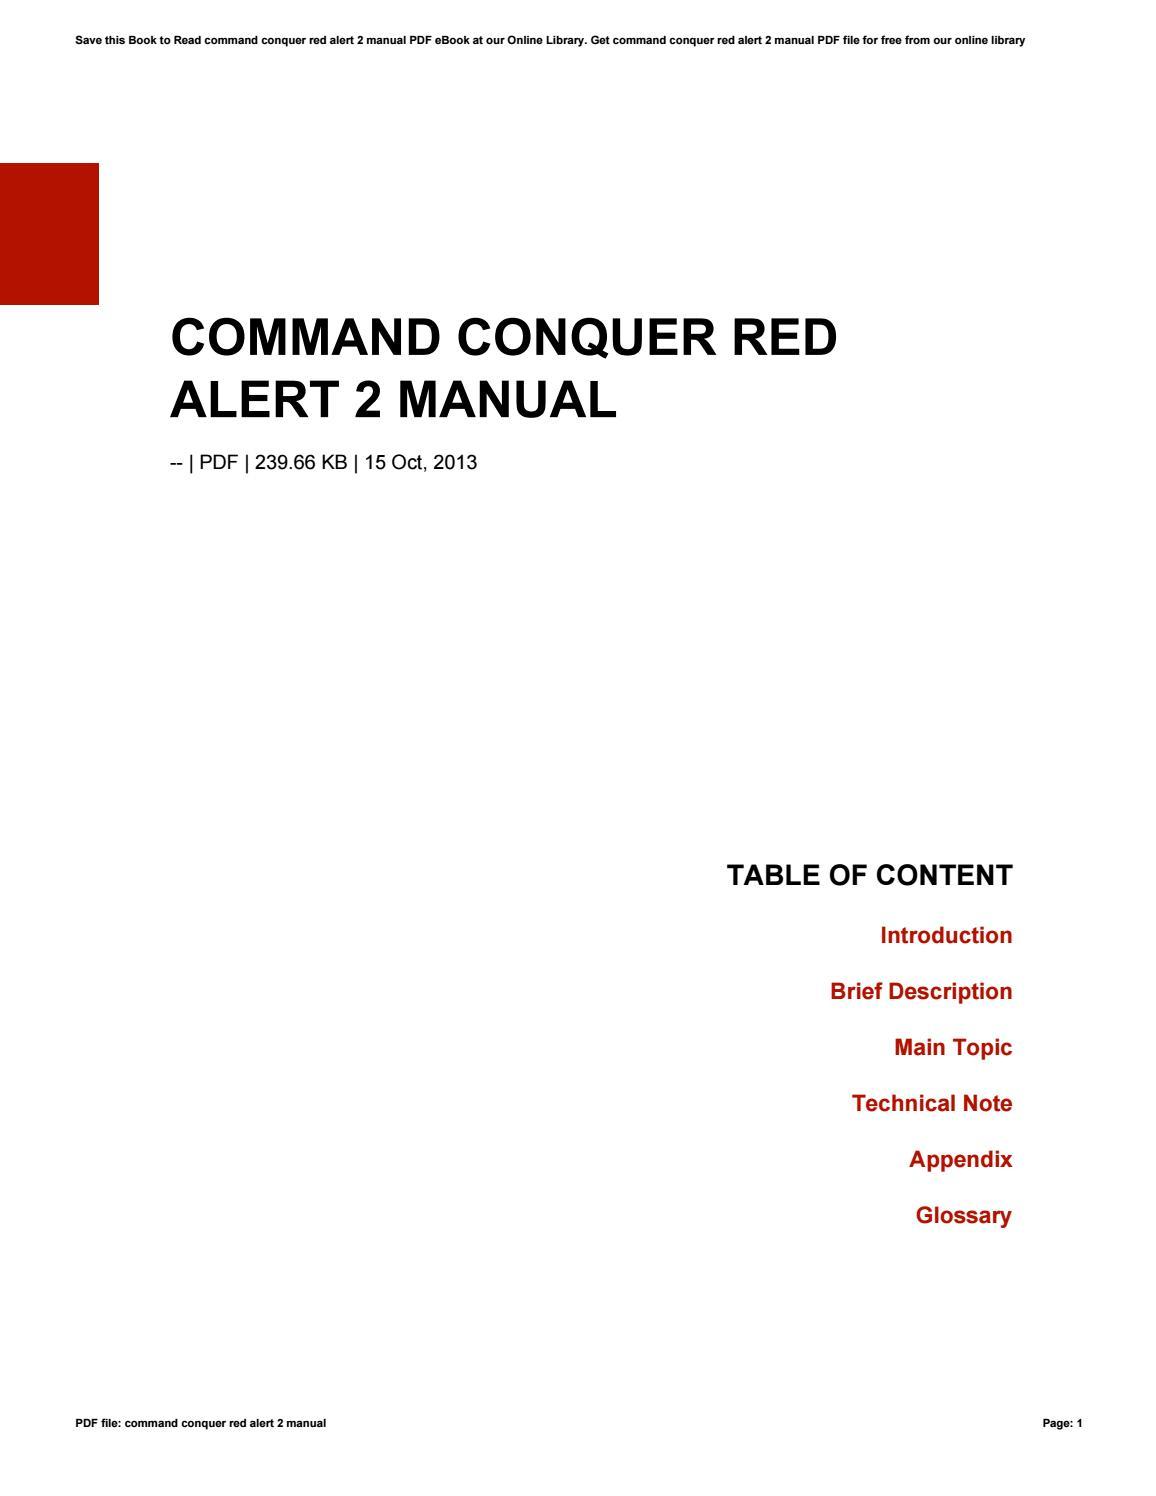 Red alert 2 manual.